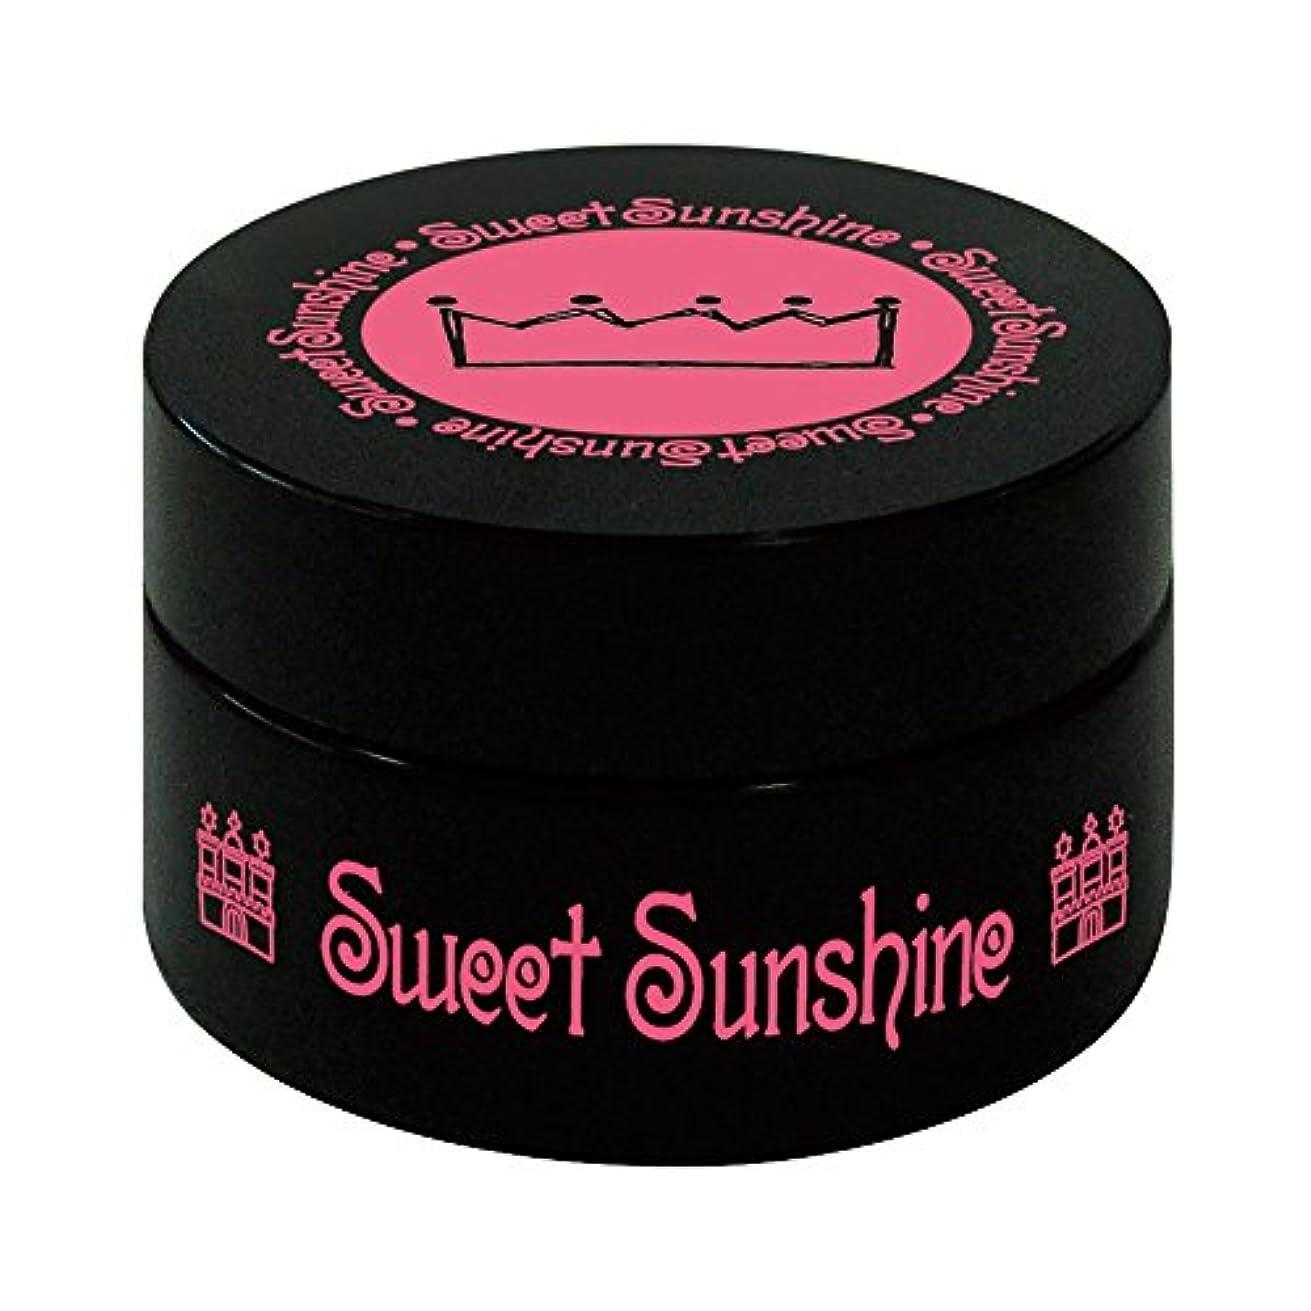 第九制限説教Sweet Sunshine カラージェル 4g RSC- 8 プリンセスオランジェ マット UV/LED対応